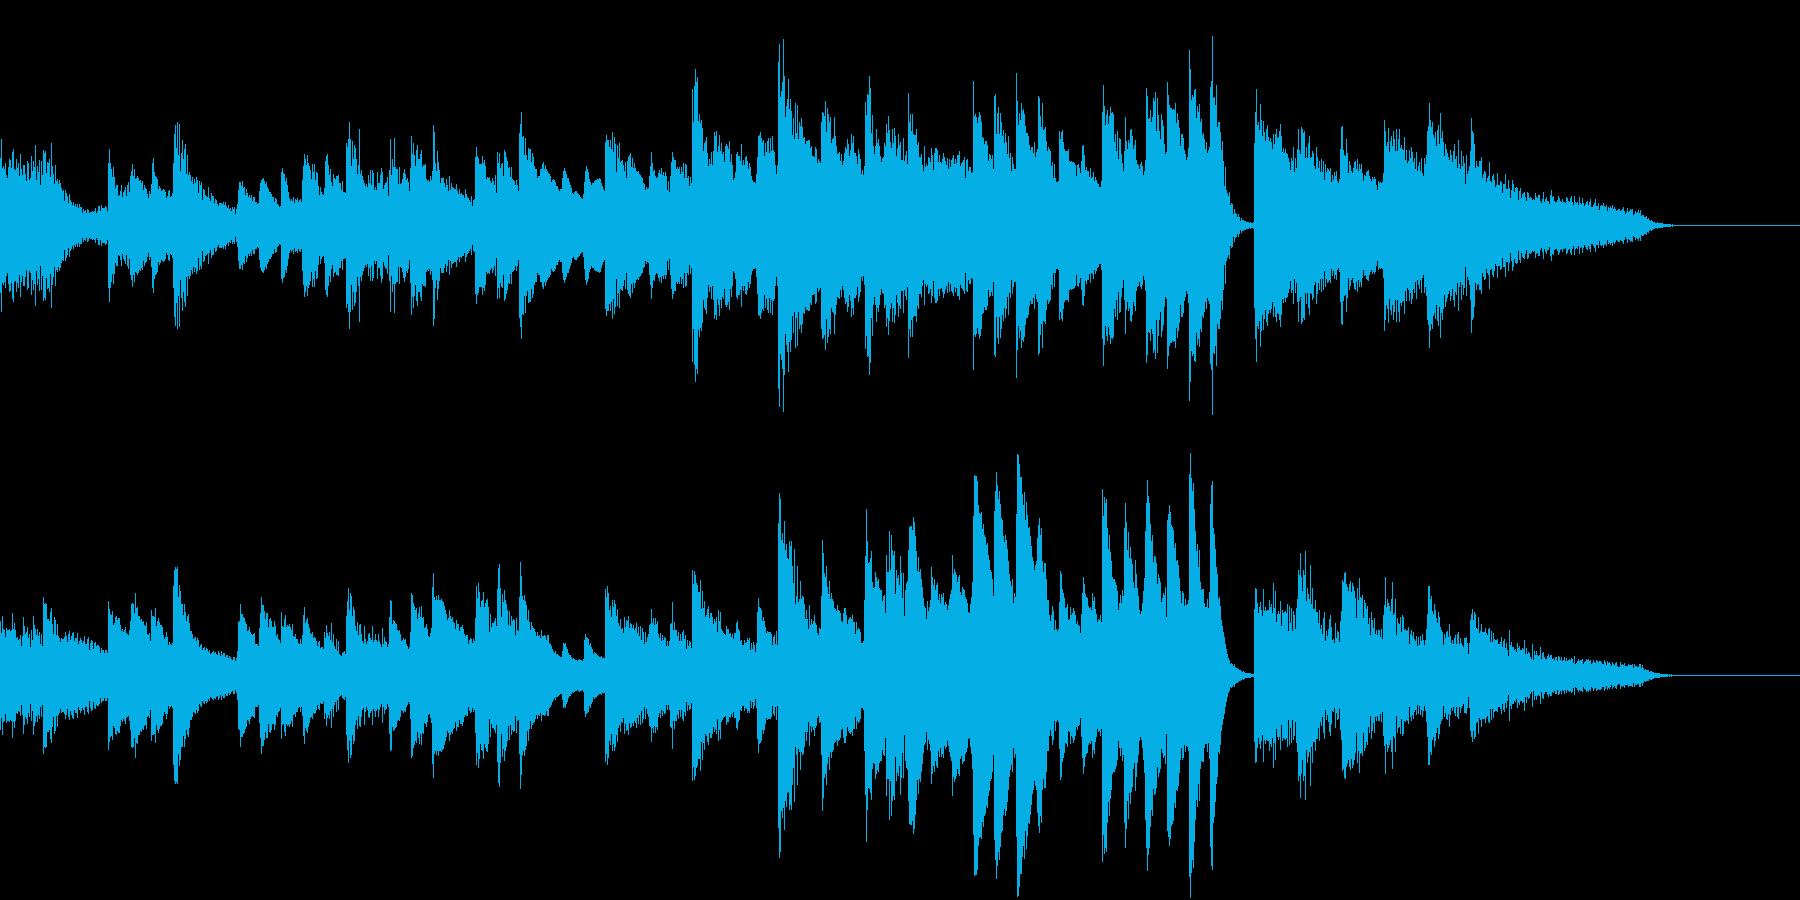 マイナー調の華麗かつ悲しいピアノジングルの再生済みの波形